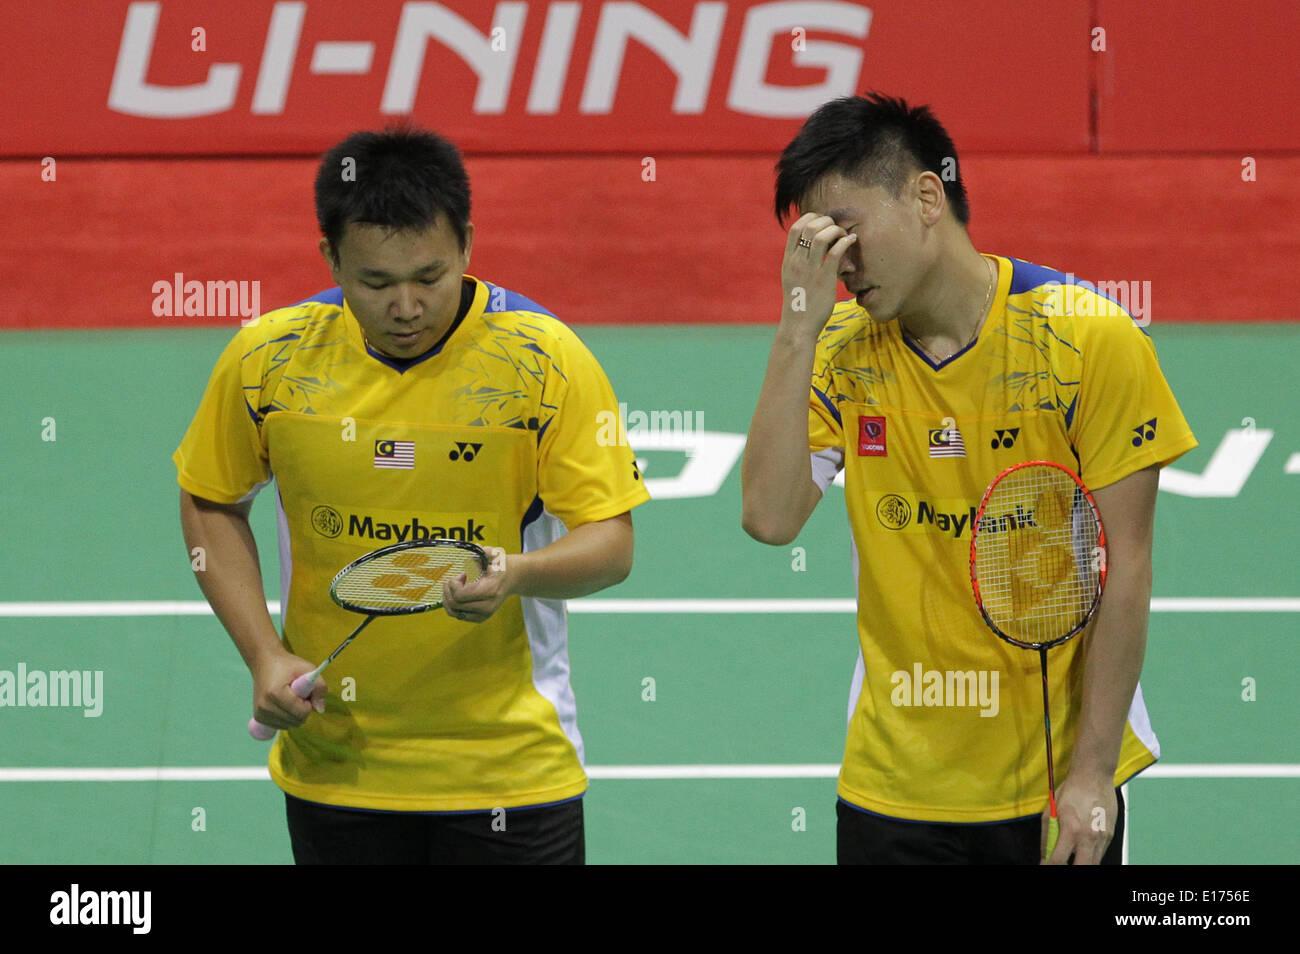 New Delhi India 25th May 2014 Malaysia s Tan Boon Heong R